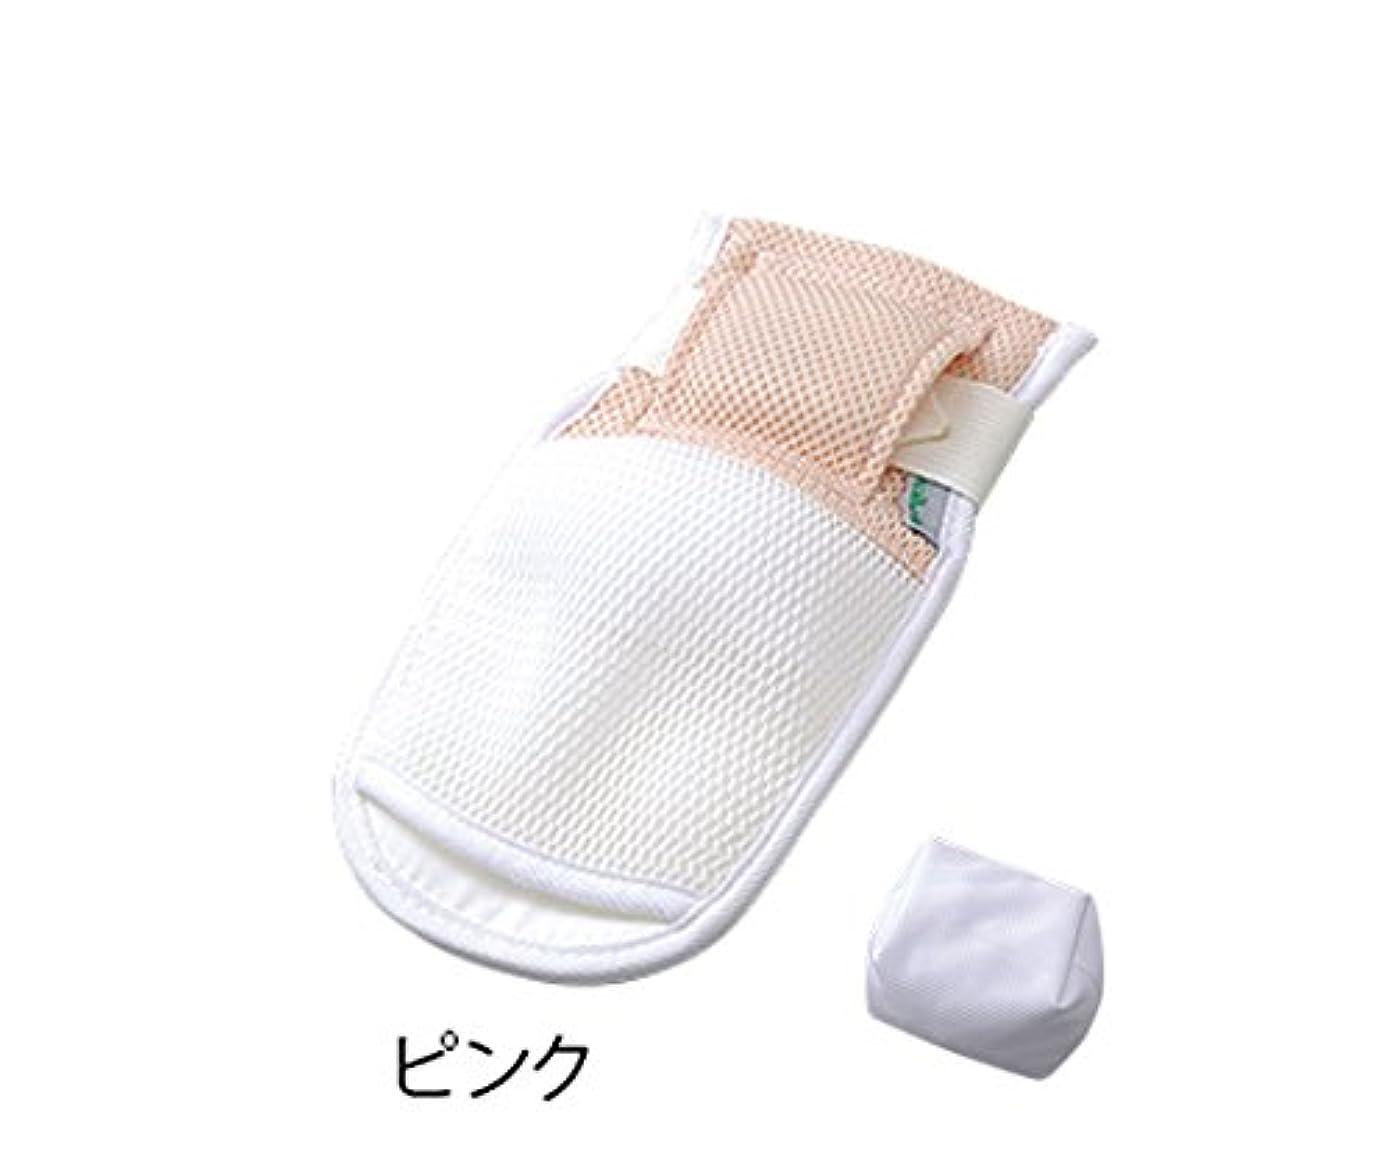 方法論追放ユーモアナビス(アズワン)8-2153-05抜管防止手袋TMT-SPPピンク295×145mm